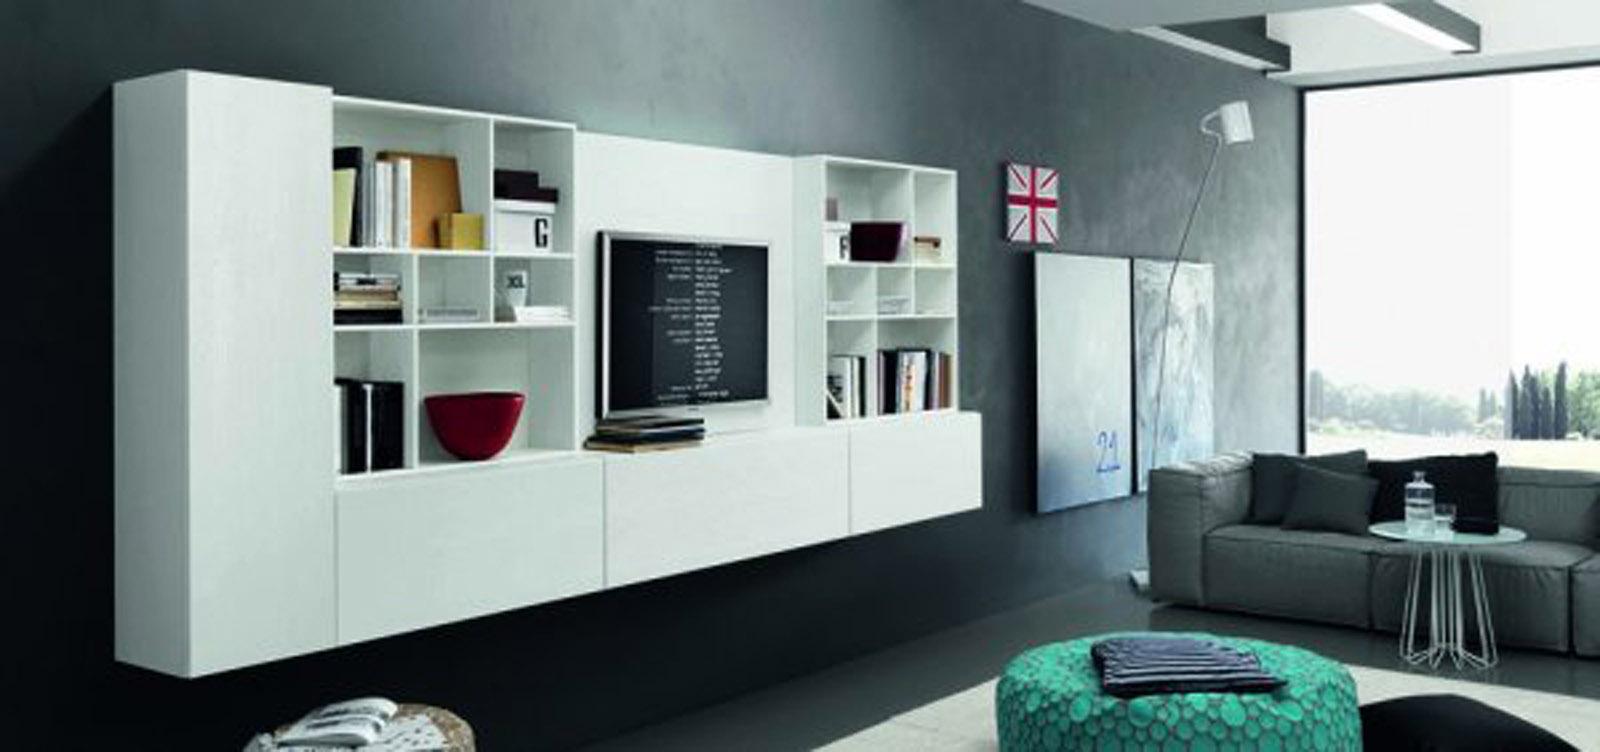 Arredare casa con poco spazio consigli e idee per non for Arredare casa con poco